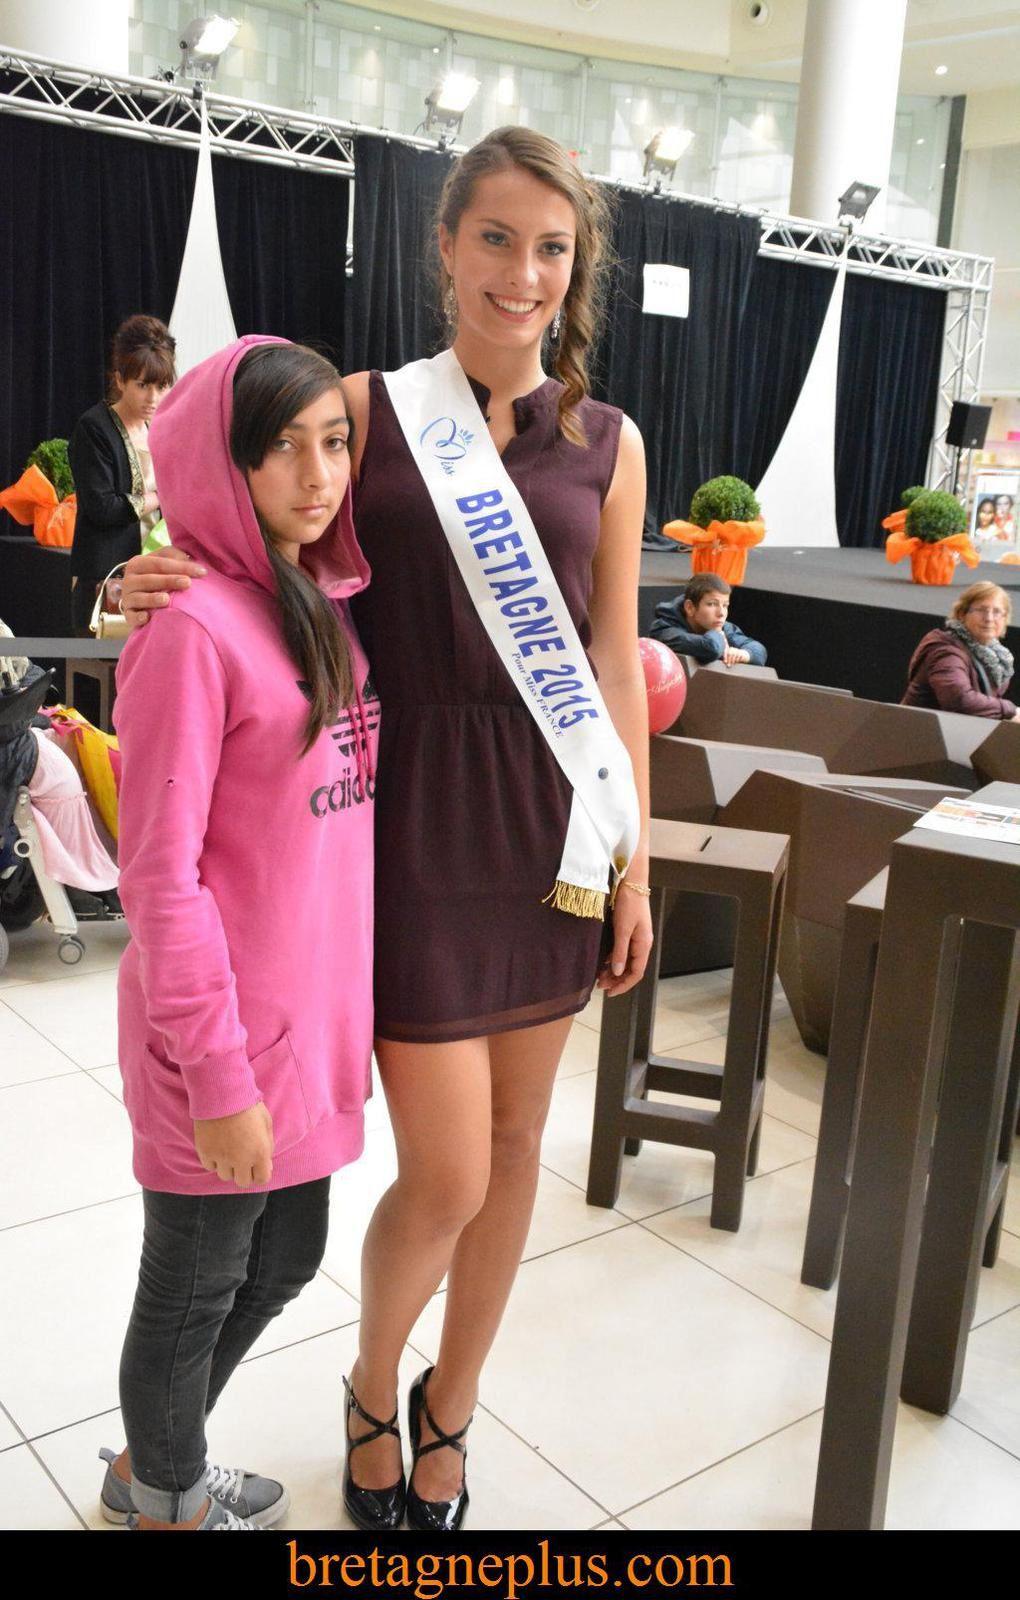 Miss Bretagne 2015 au Défilé des commerçants de Saint Grégoire, Le Centre